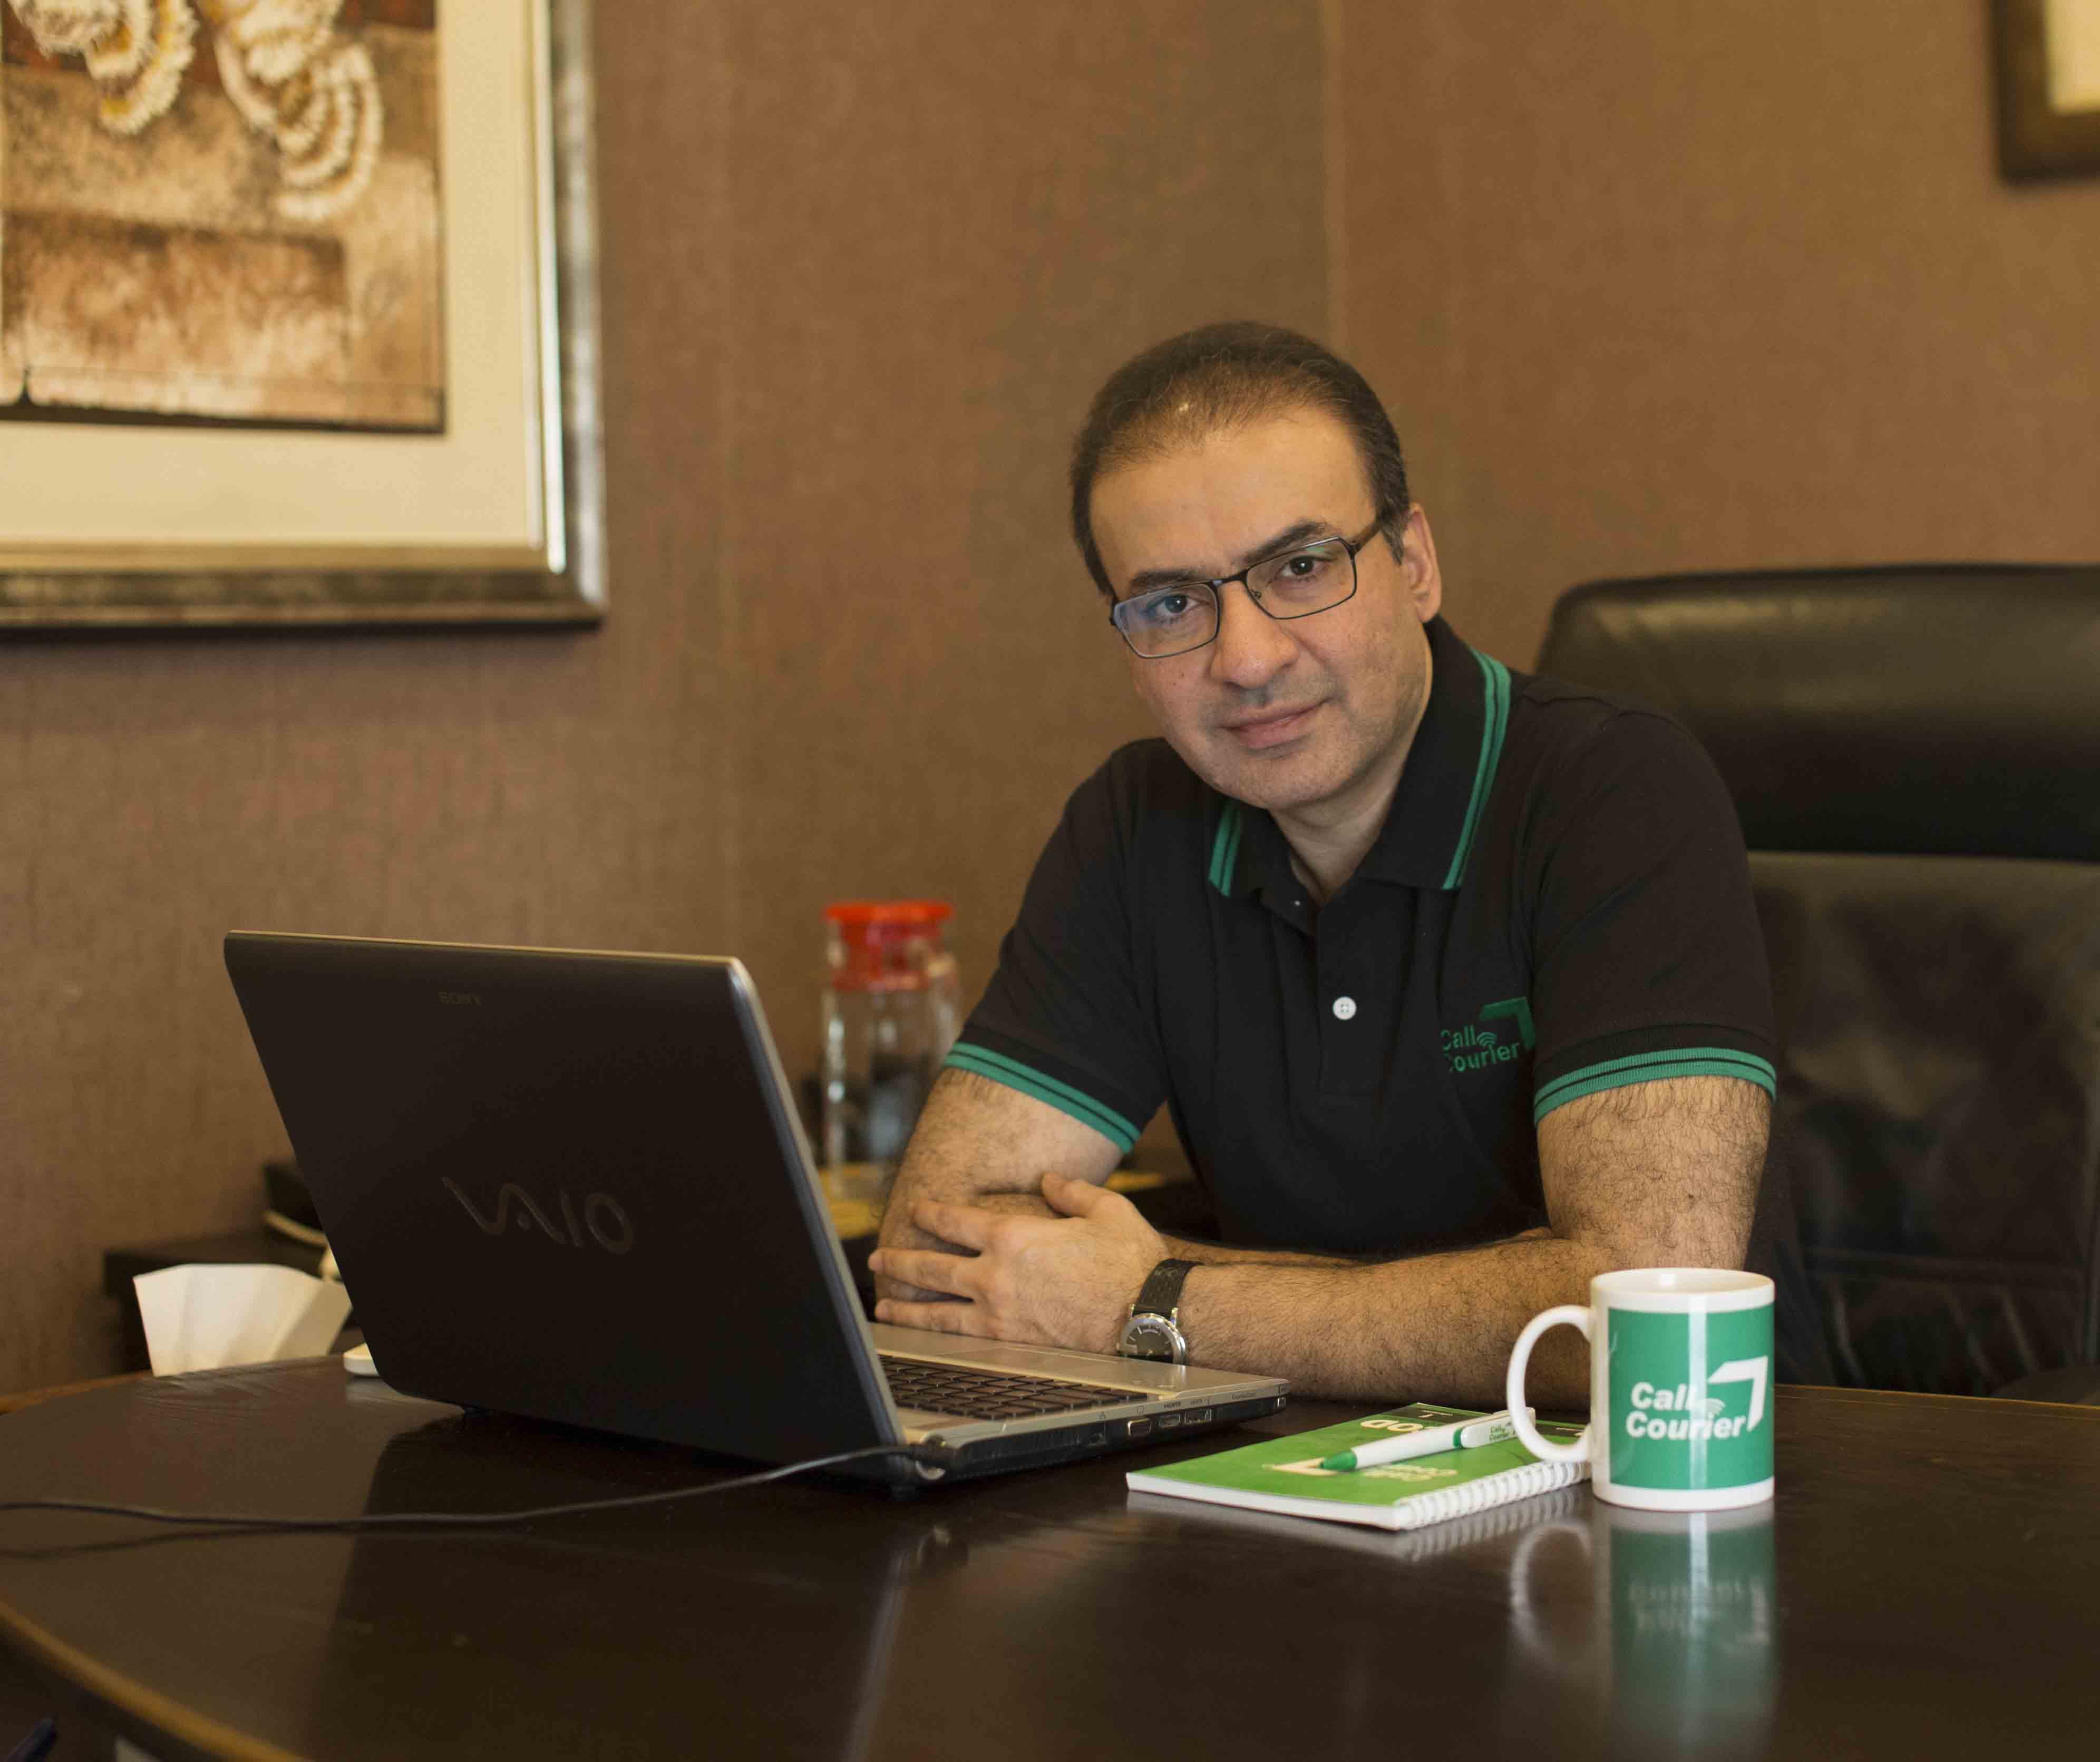 CEO CallCourier